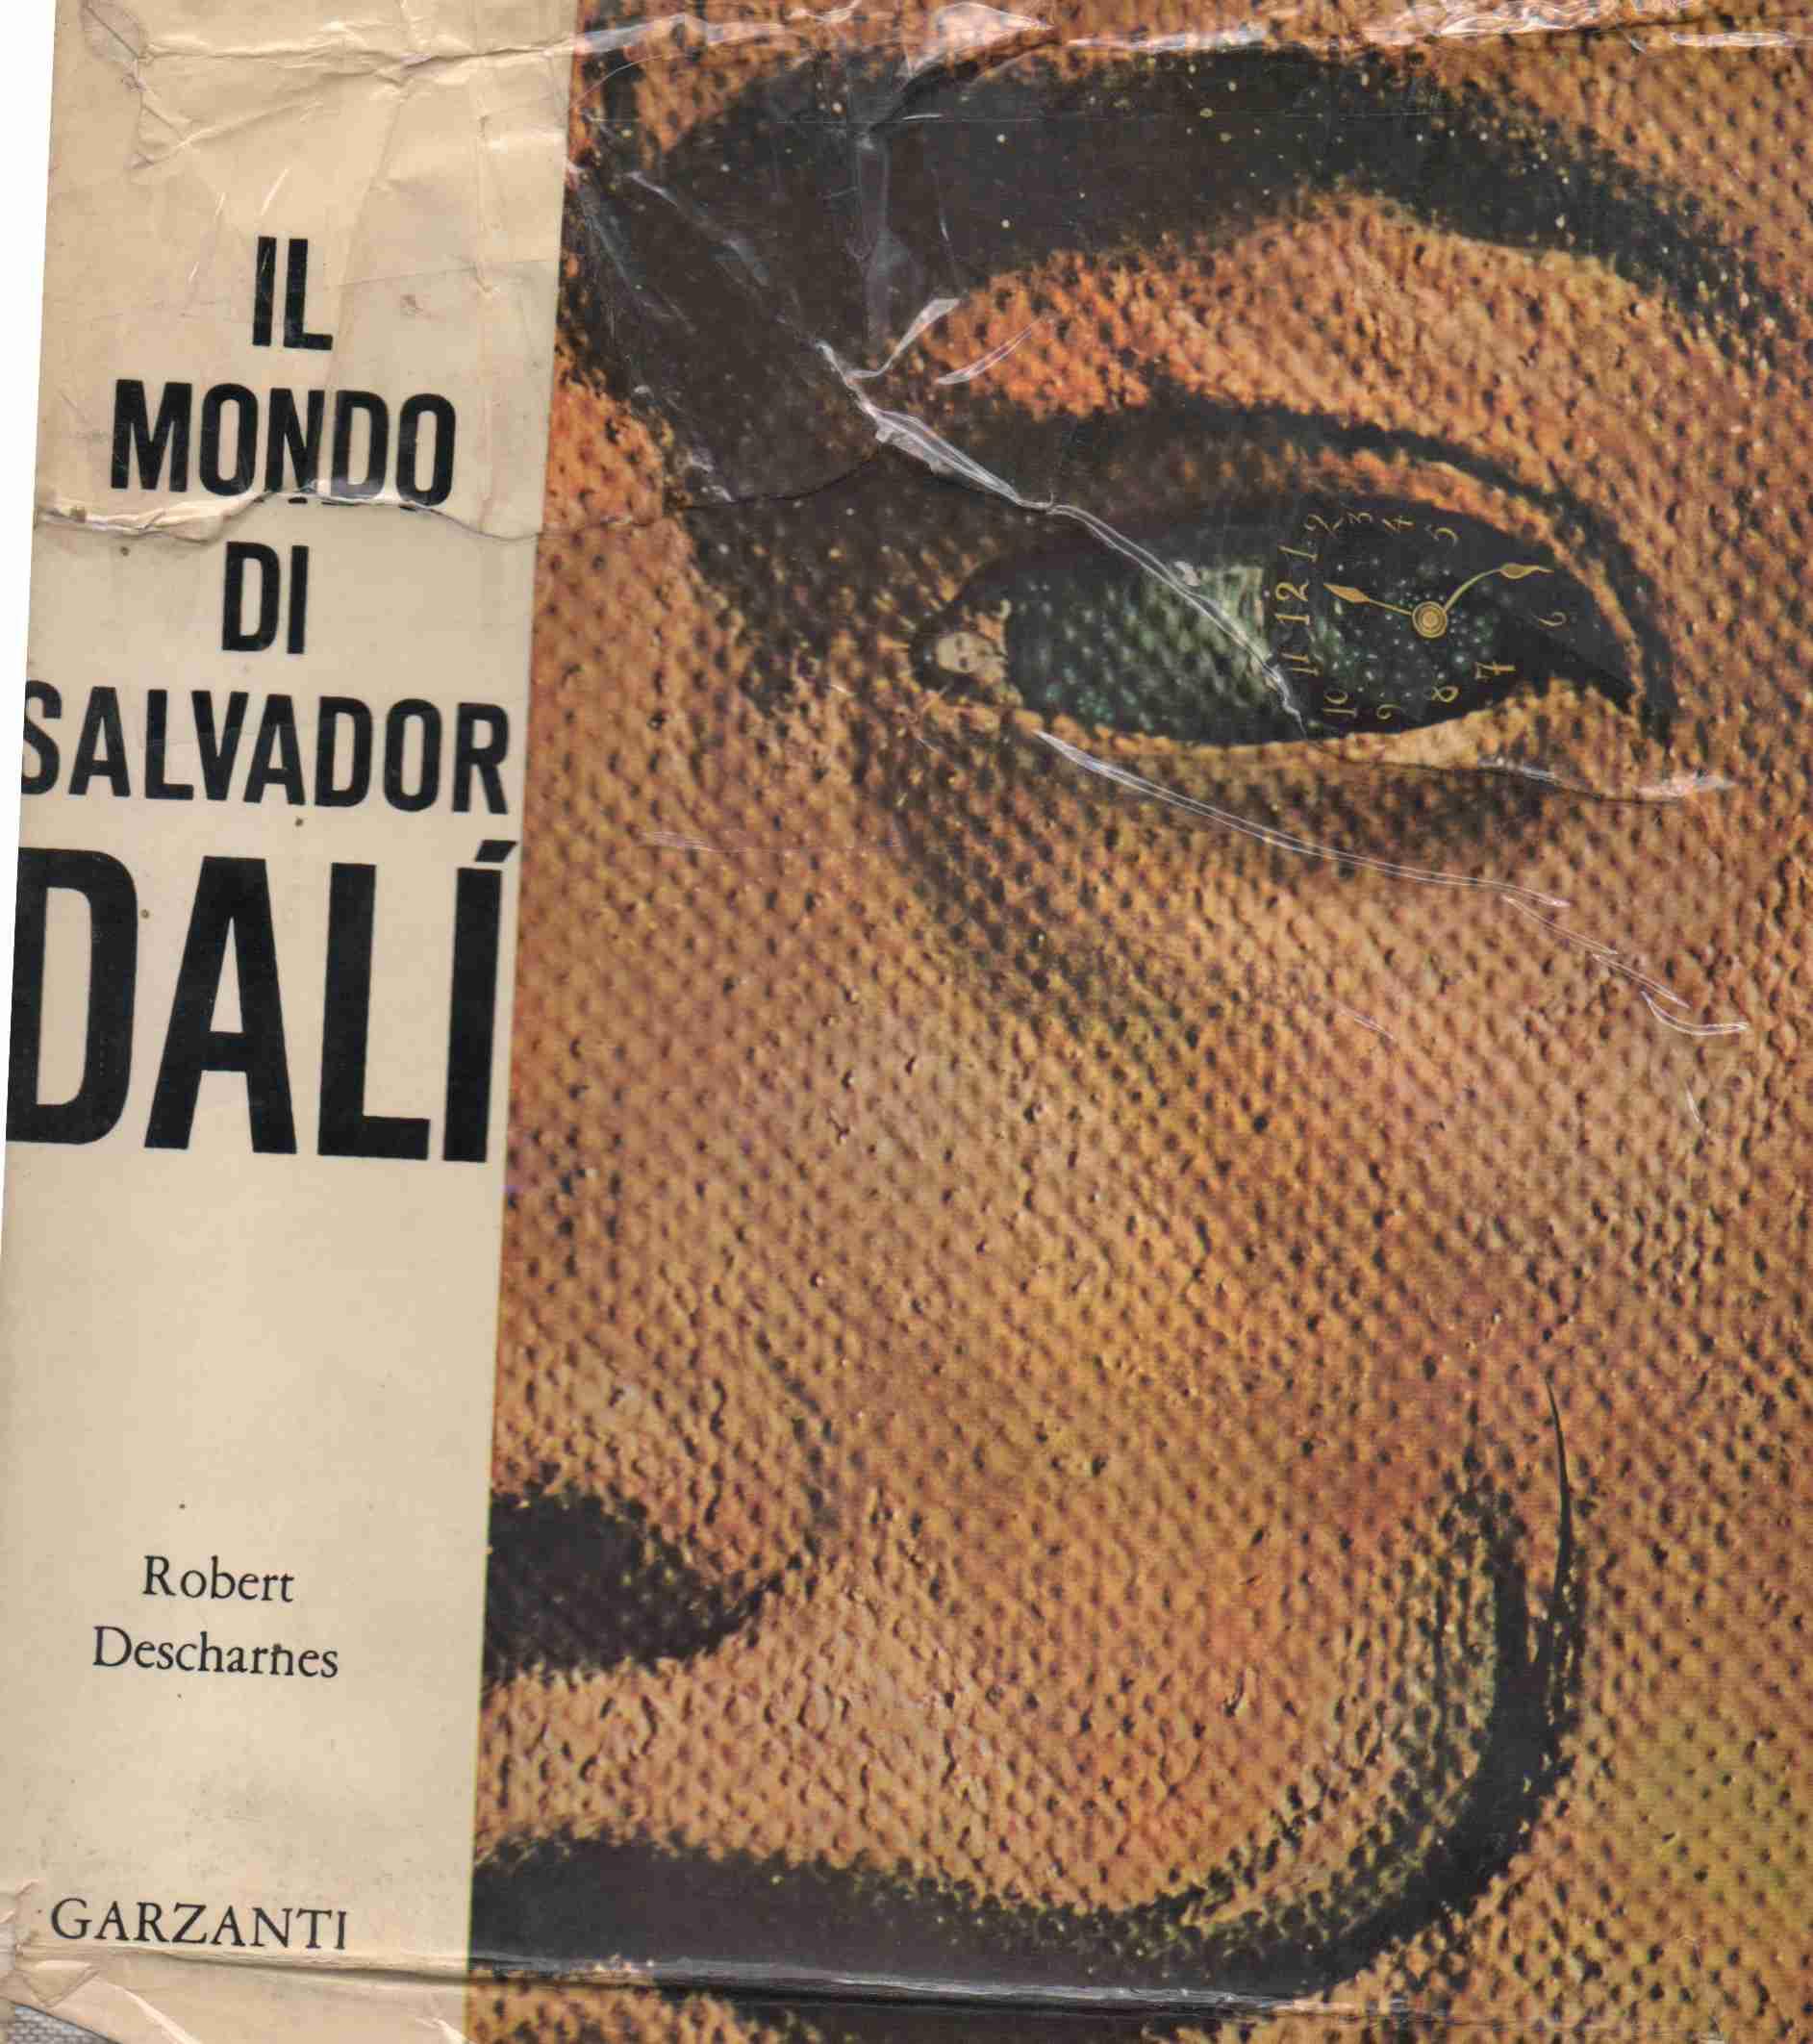 Il mondo di Salvador Dalí